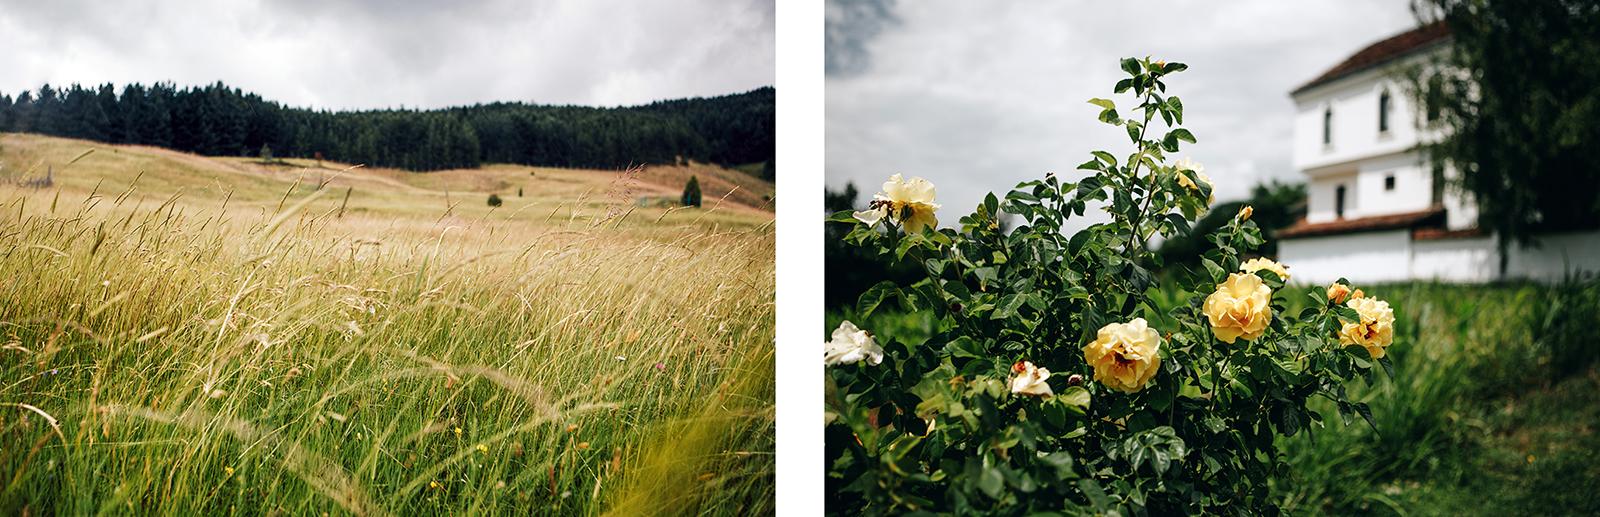 campagne-serbie-paysage